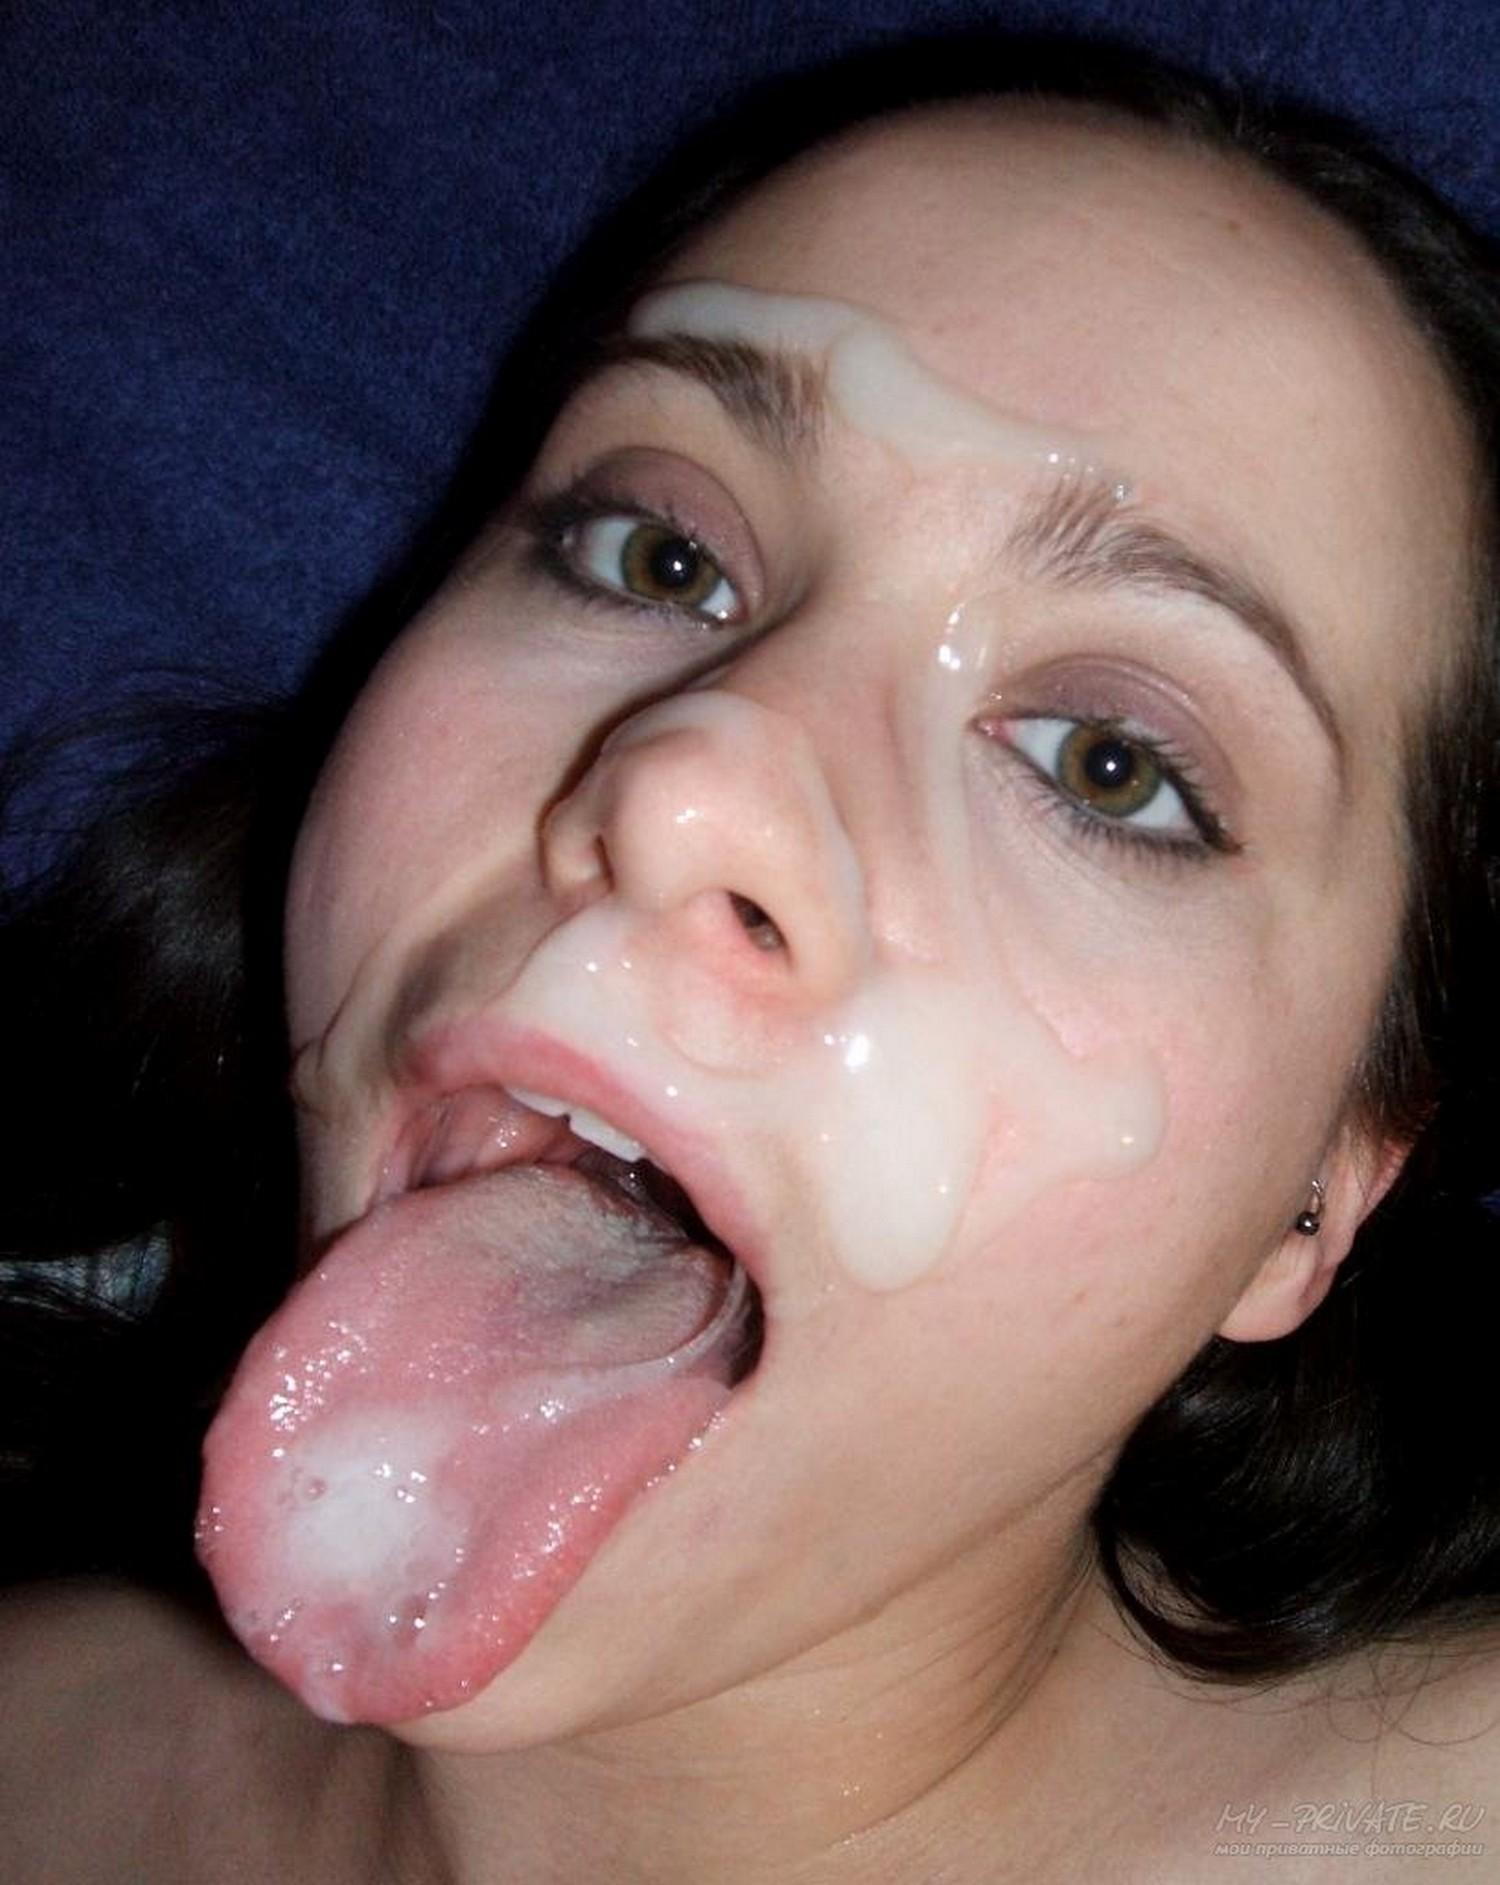 После минета пышногрудая баба получила на лицо немало спермы